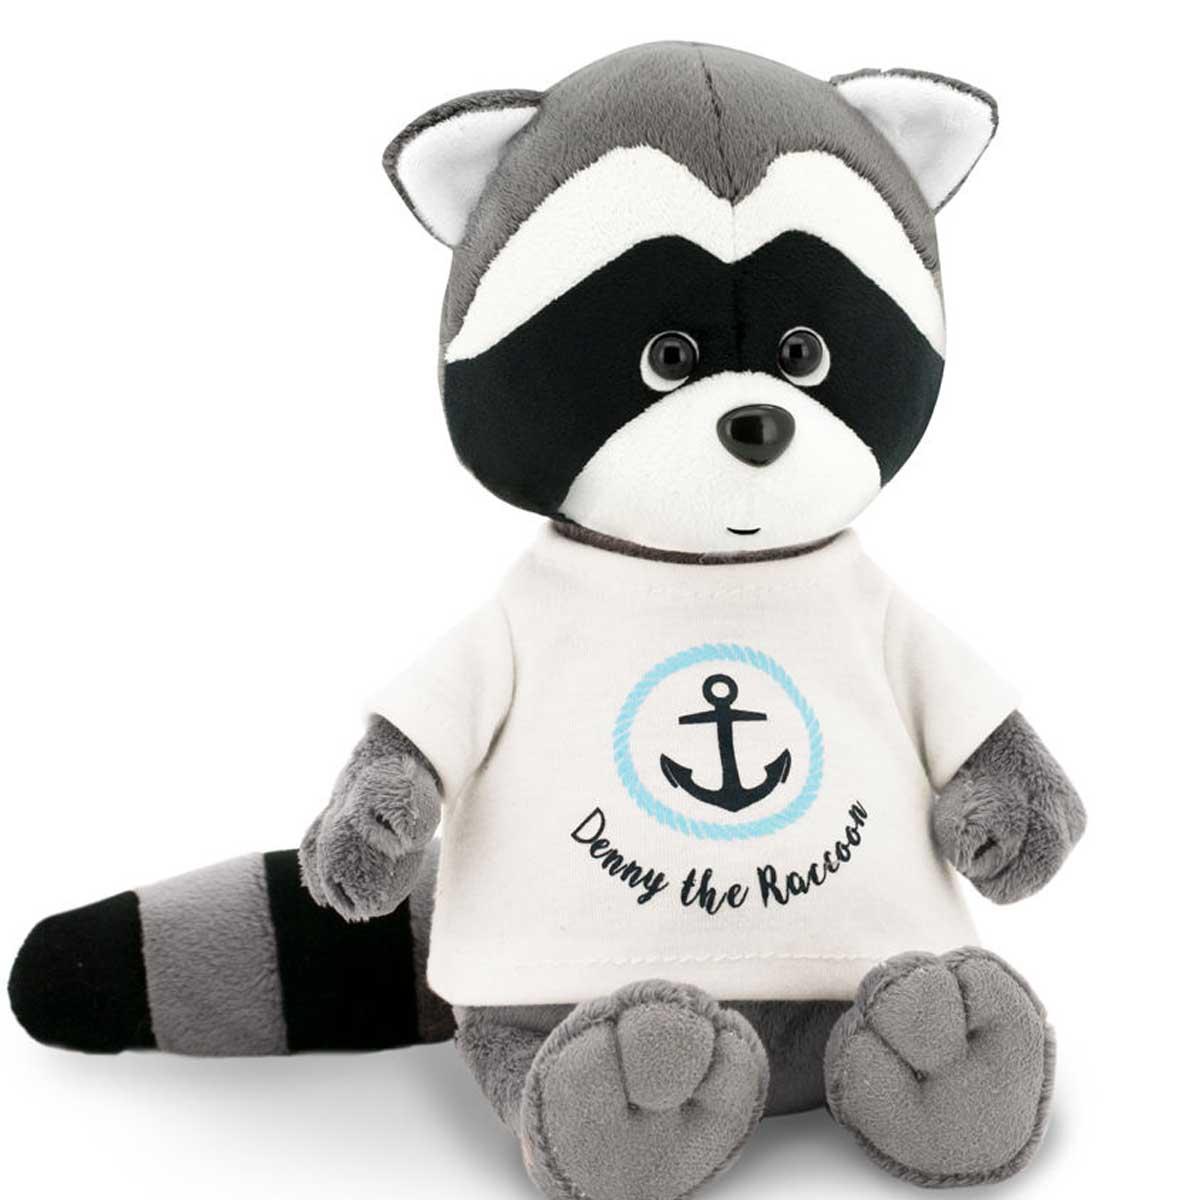 Мягкая игрушка из серии Life - Енотик Дэнни Якорь, 20 см.Дикие животные<br>Мягкая игрушка из серии Life - Енотик Дэнни Якорь, 20 см.<br>